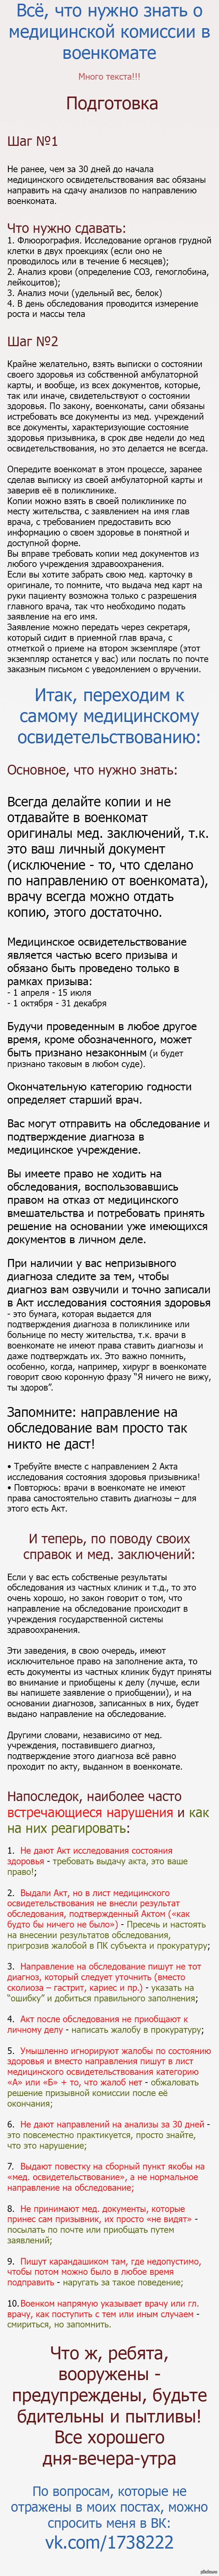 Как написать письмо президенту в кремль